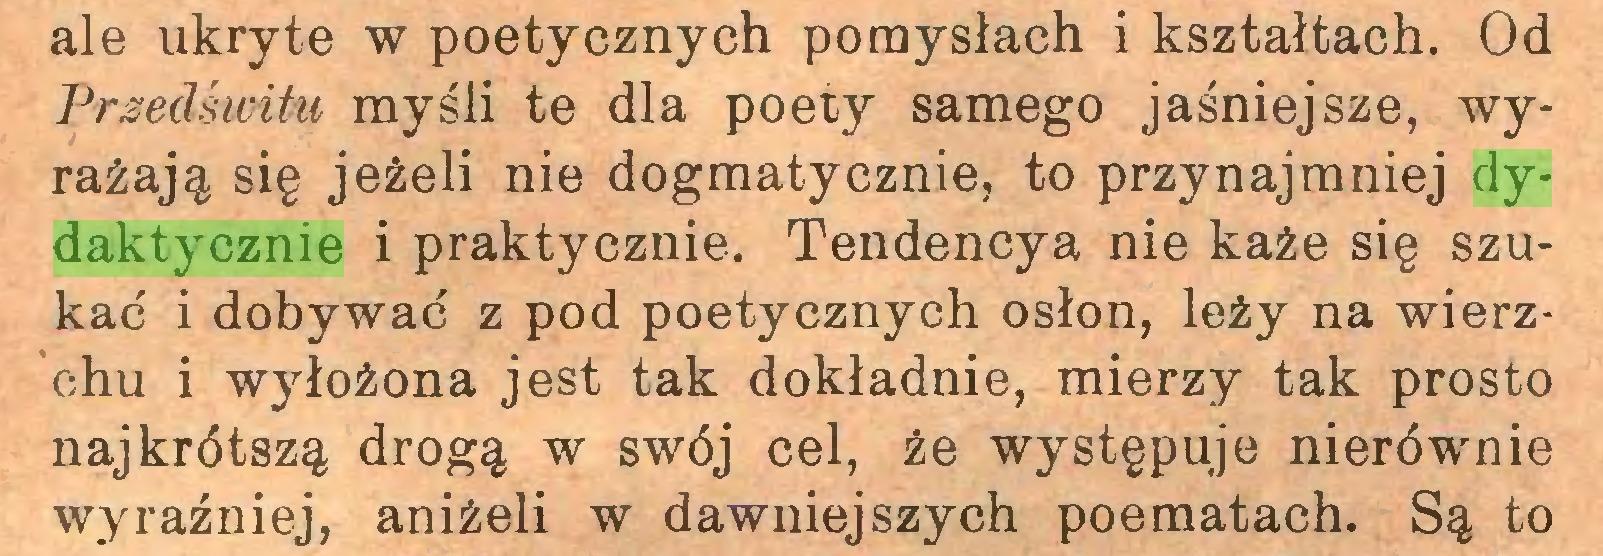 (...) ale ukryte w poetycznych pomysłach i kształtach. Od Przedświtu myśli te dla poety samego jaśniejsze, wyrażają się jeżeli nie dogmatycznie, to przynajmniej dydaktycznie i praktycznie. Tendencyą nie każe się szukać i dobywać z pod poetycznych osłon, leży na wierzchu i wyłożona jest tak dokładnie, mierzy tak prosto najkrótszą drogą w swój cel, że występuje nierównie wyraźniej, aniżeli w dawniejszych poematach. Są to...